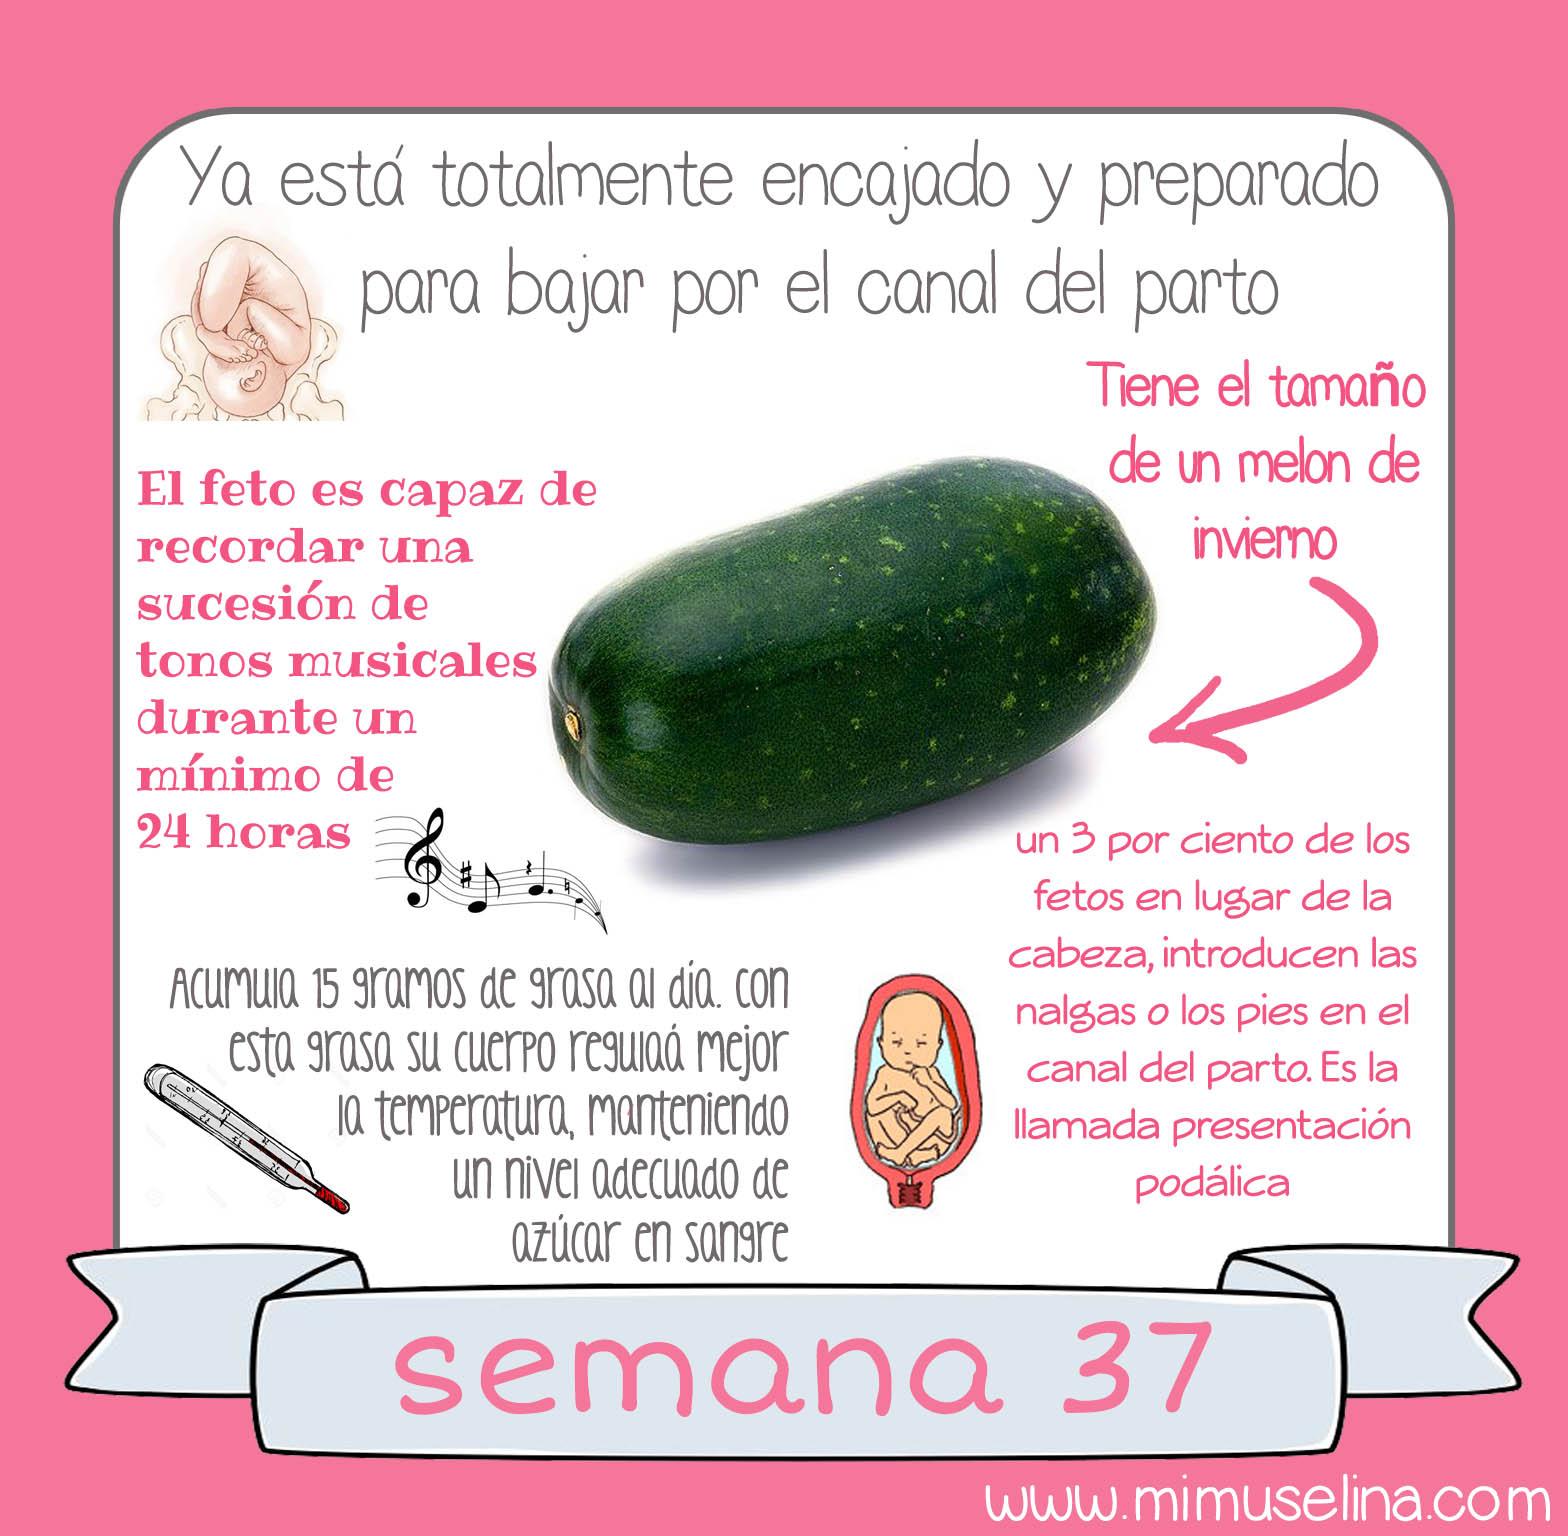 semana 15 de embarazo tamano del bebe